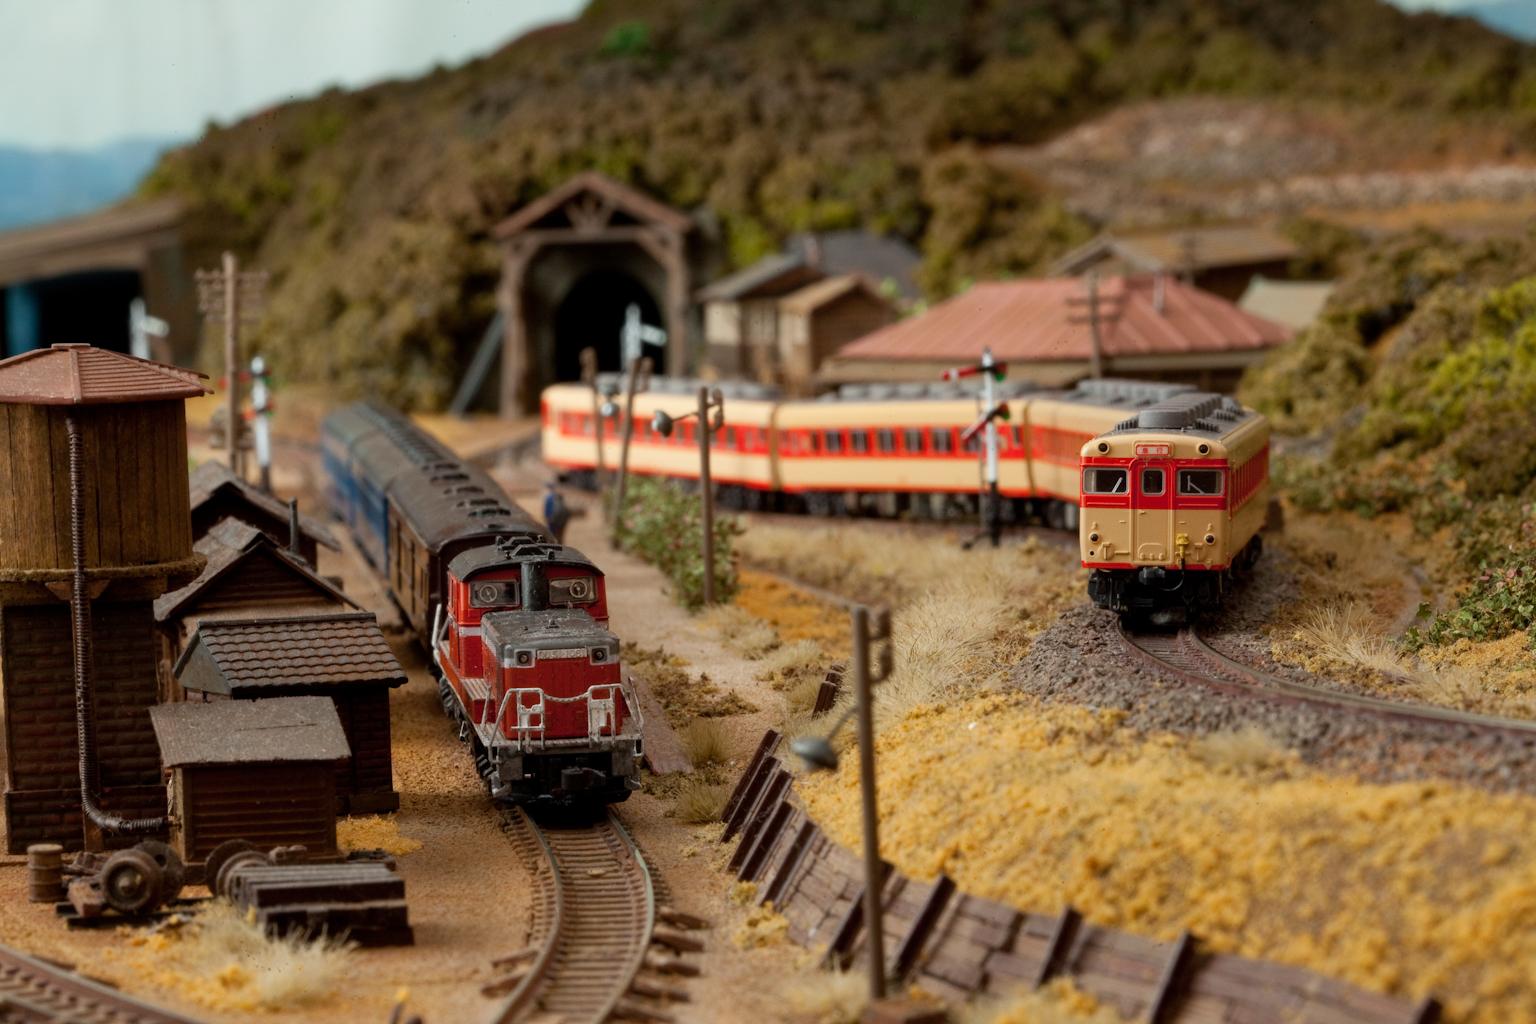 鉄道模型モジュール スイッチバック駅